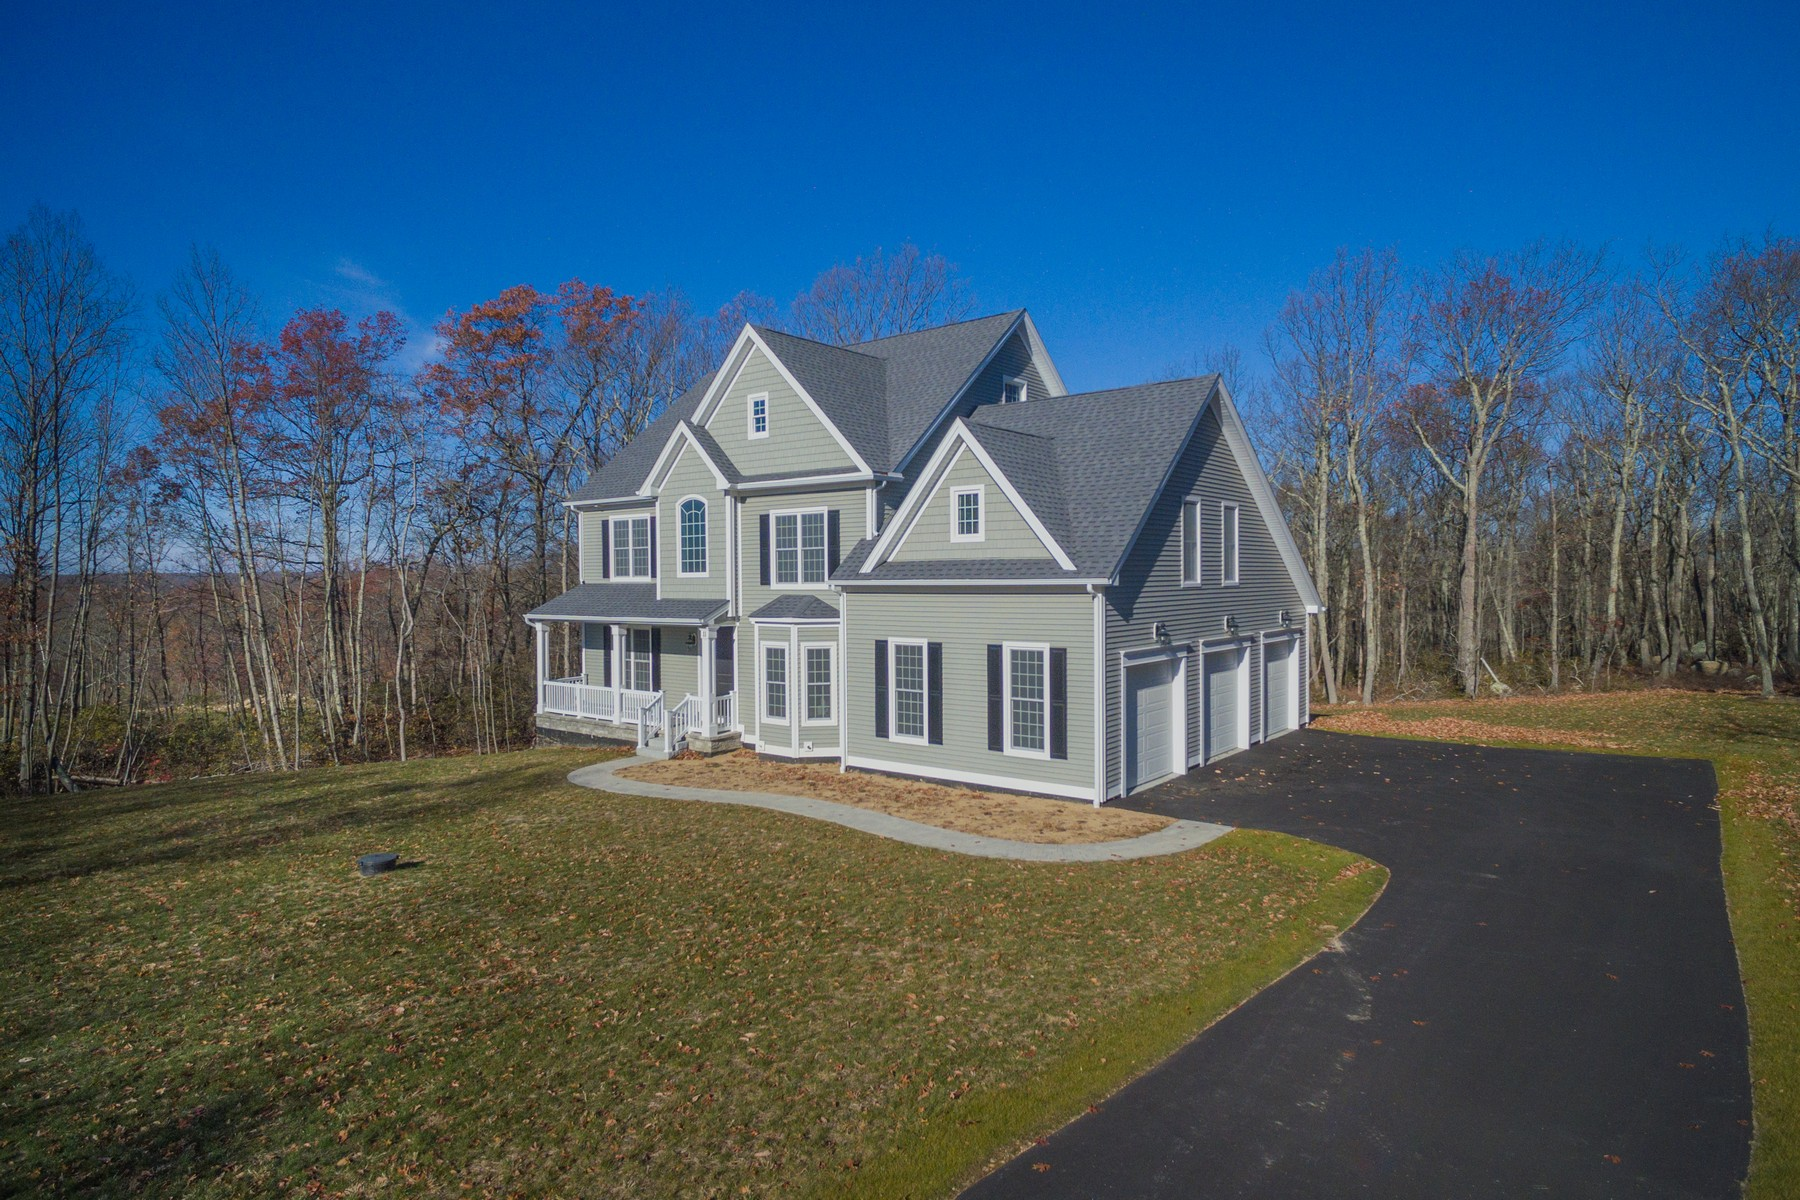 独户住宅 为 销售 在 Custom Designed Colonial 11 Partridge Ct 东莱姆, 康涅狄格州, 06333 美国